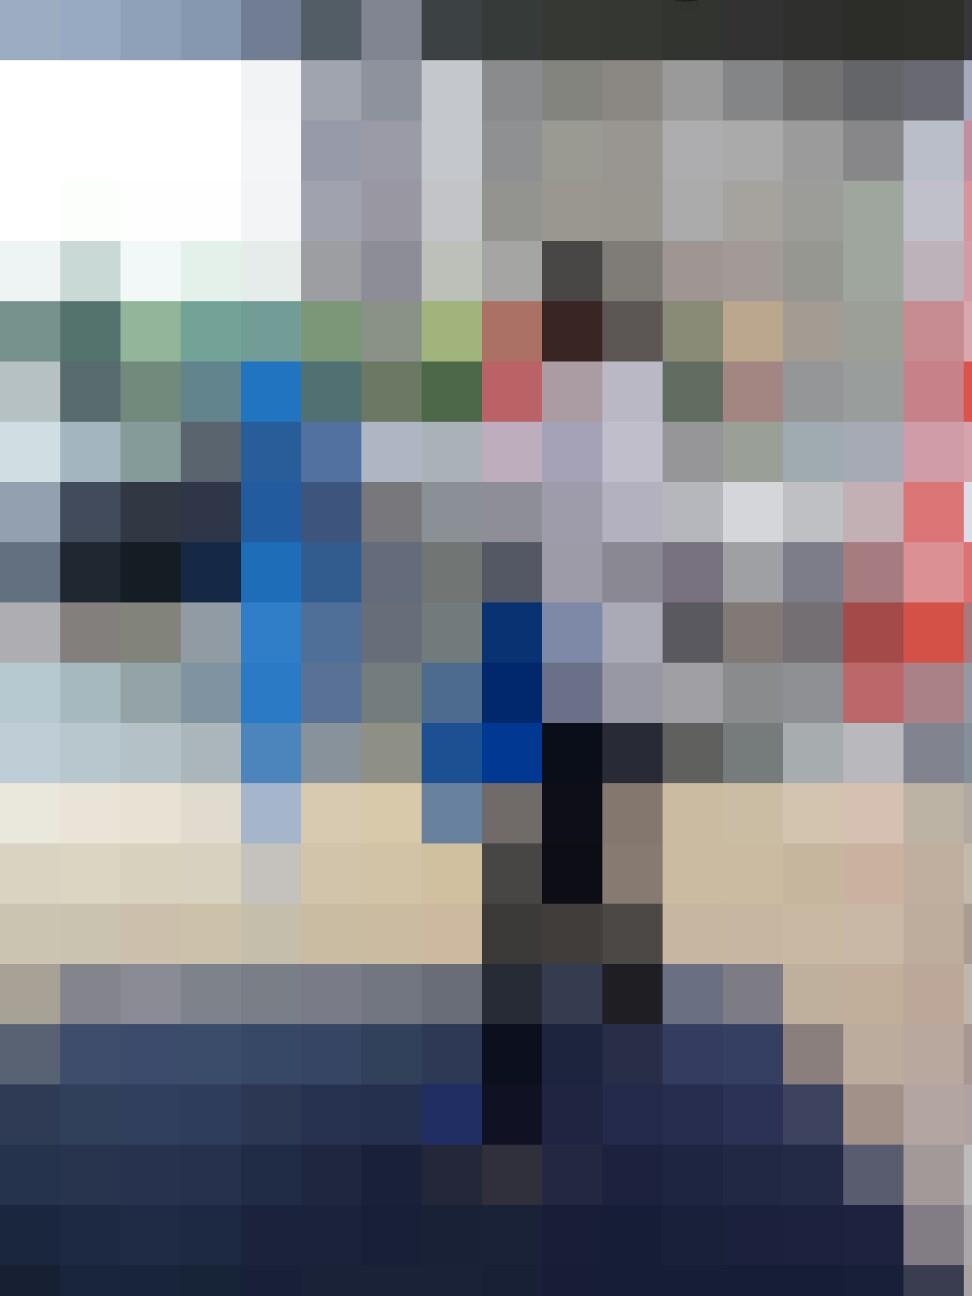 f:id:Osakaloopline:20171022234838j:image